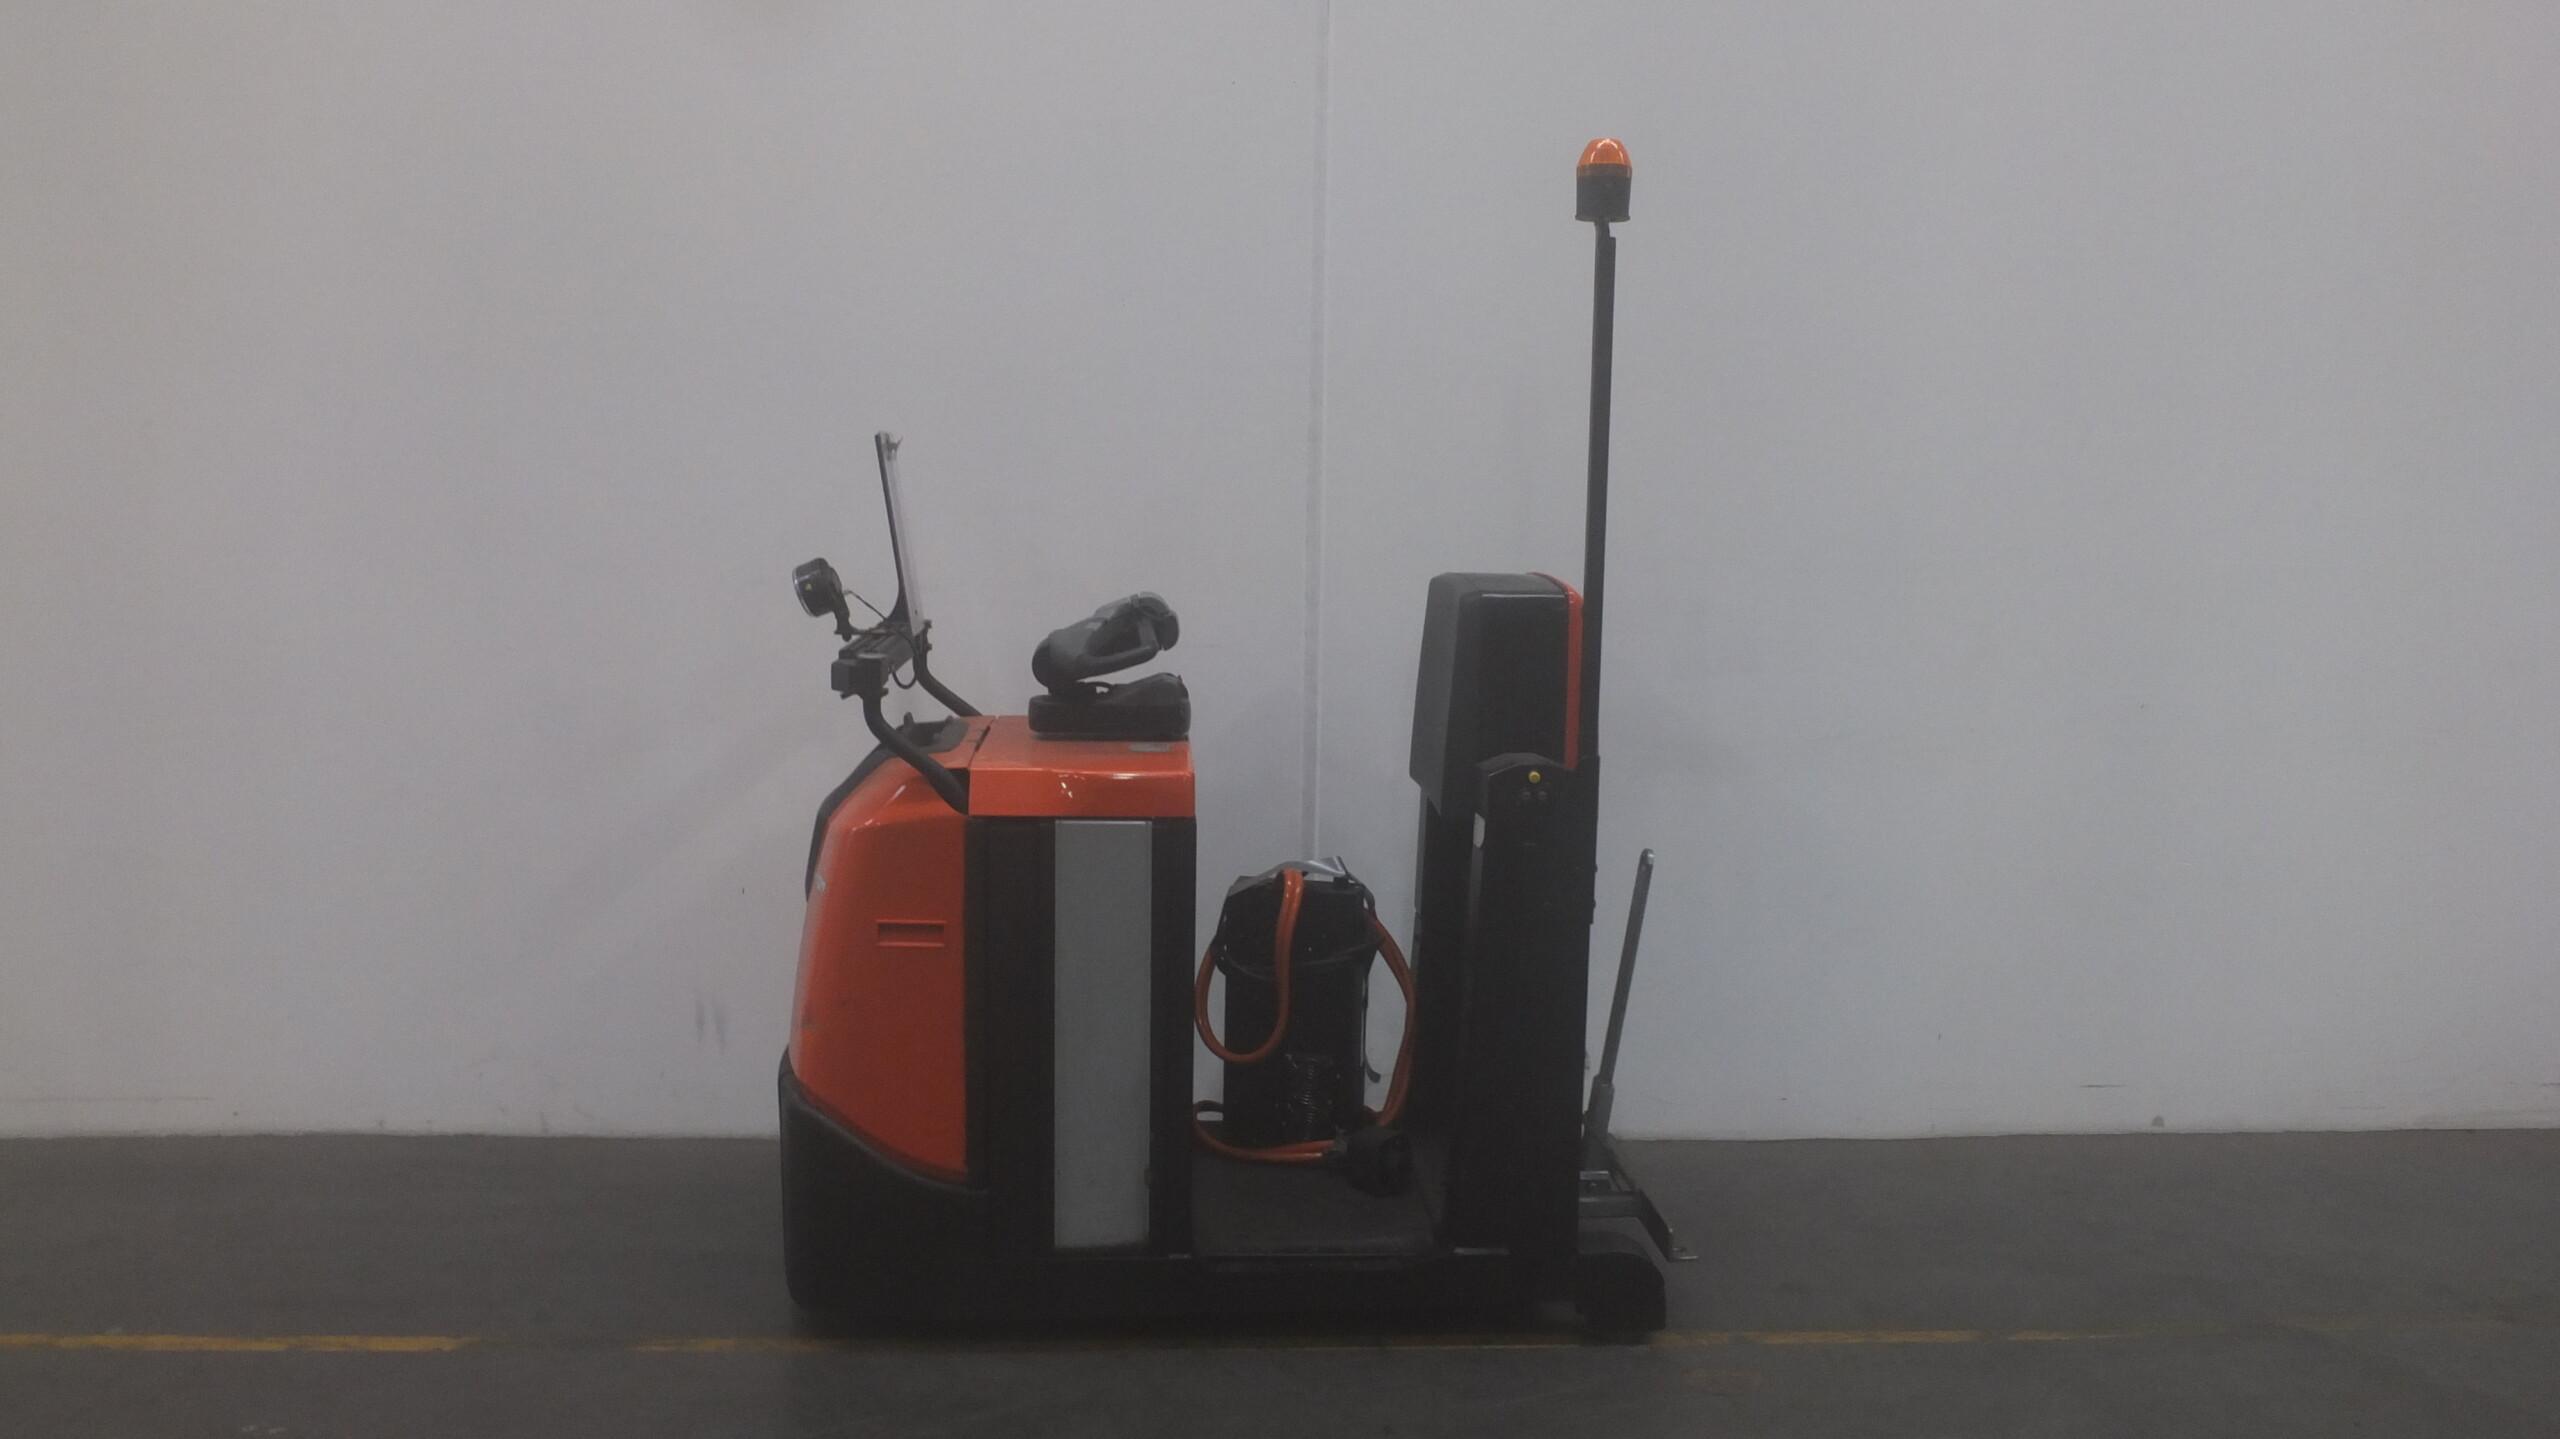 Toyota-Gabelstapler-59840 1803040074 1 5 scaled